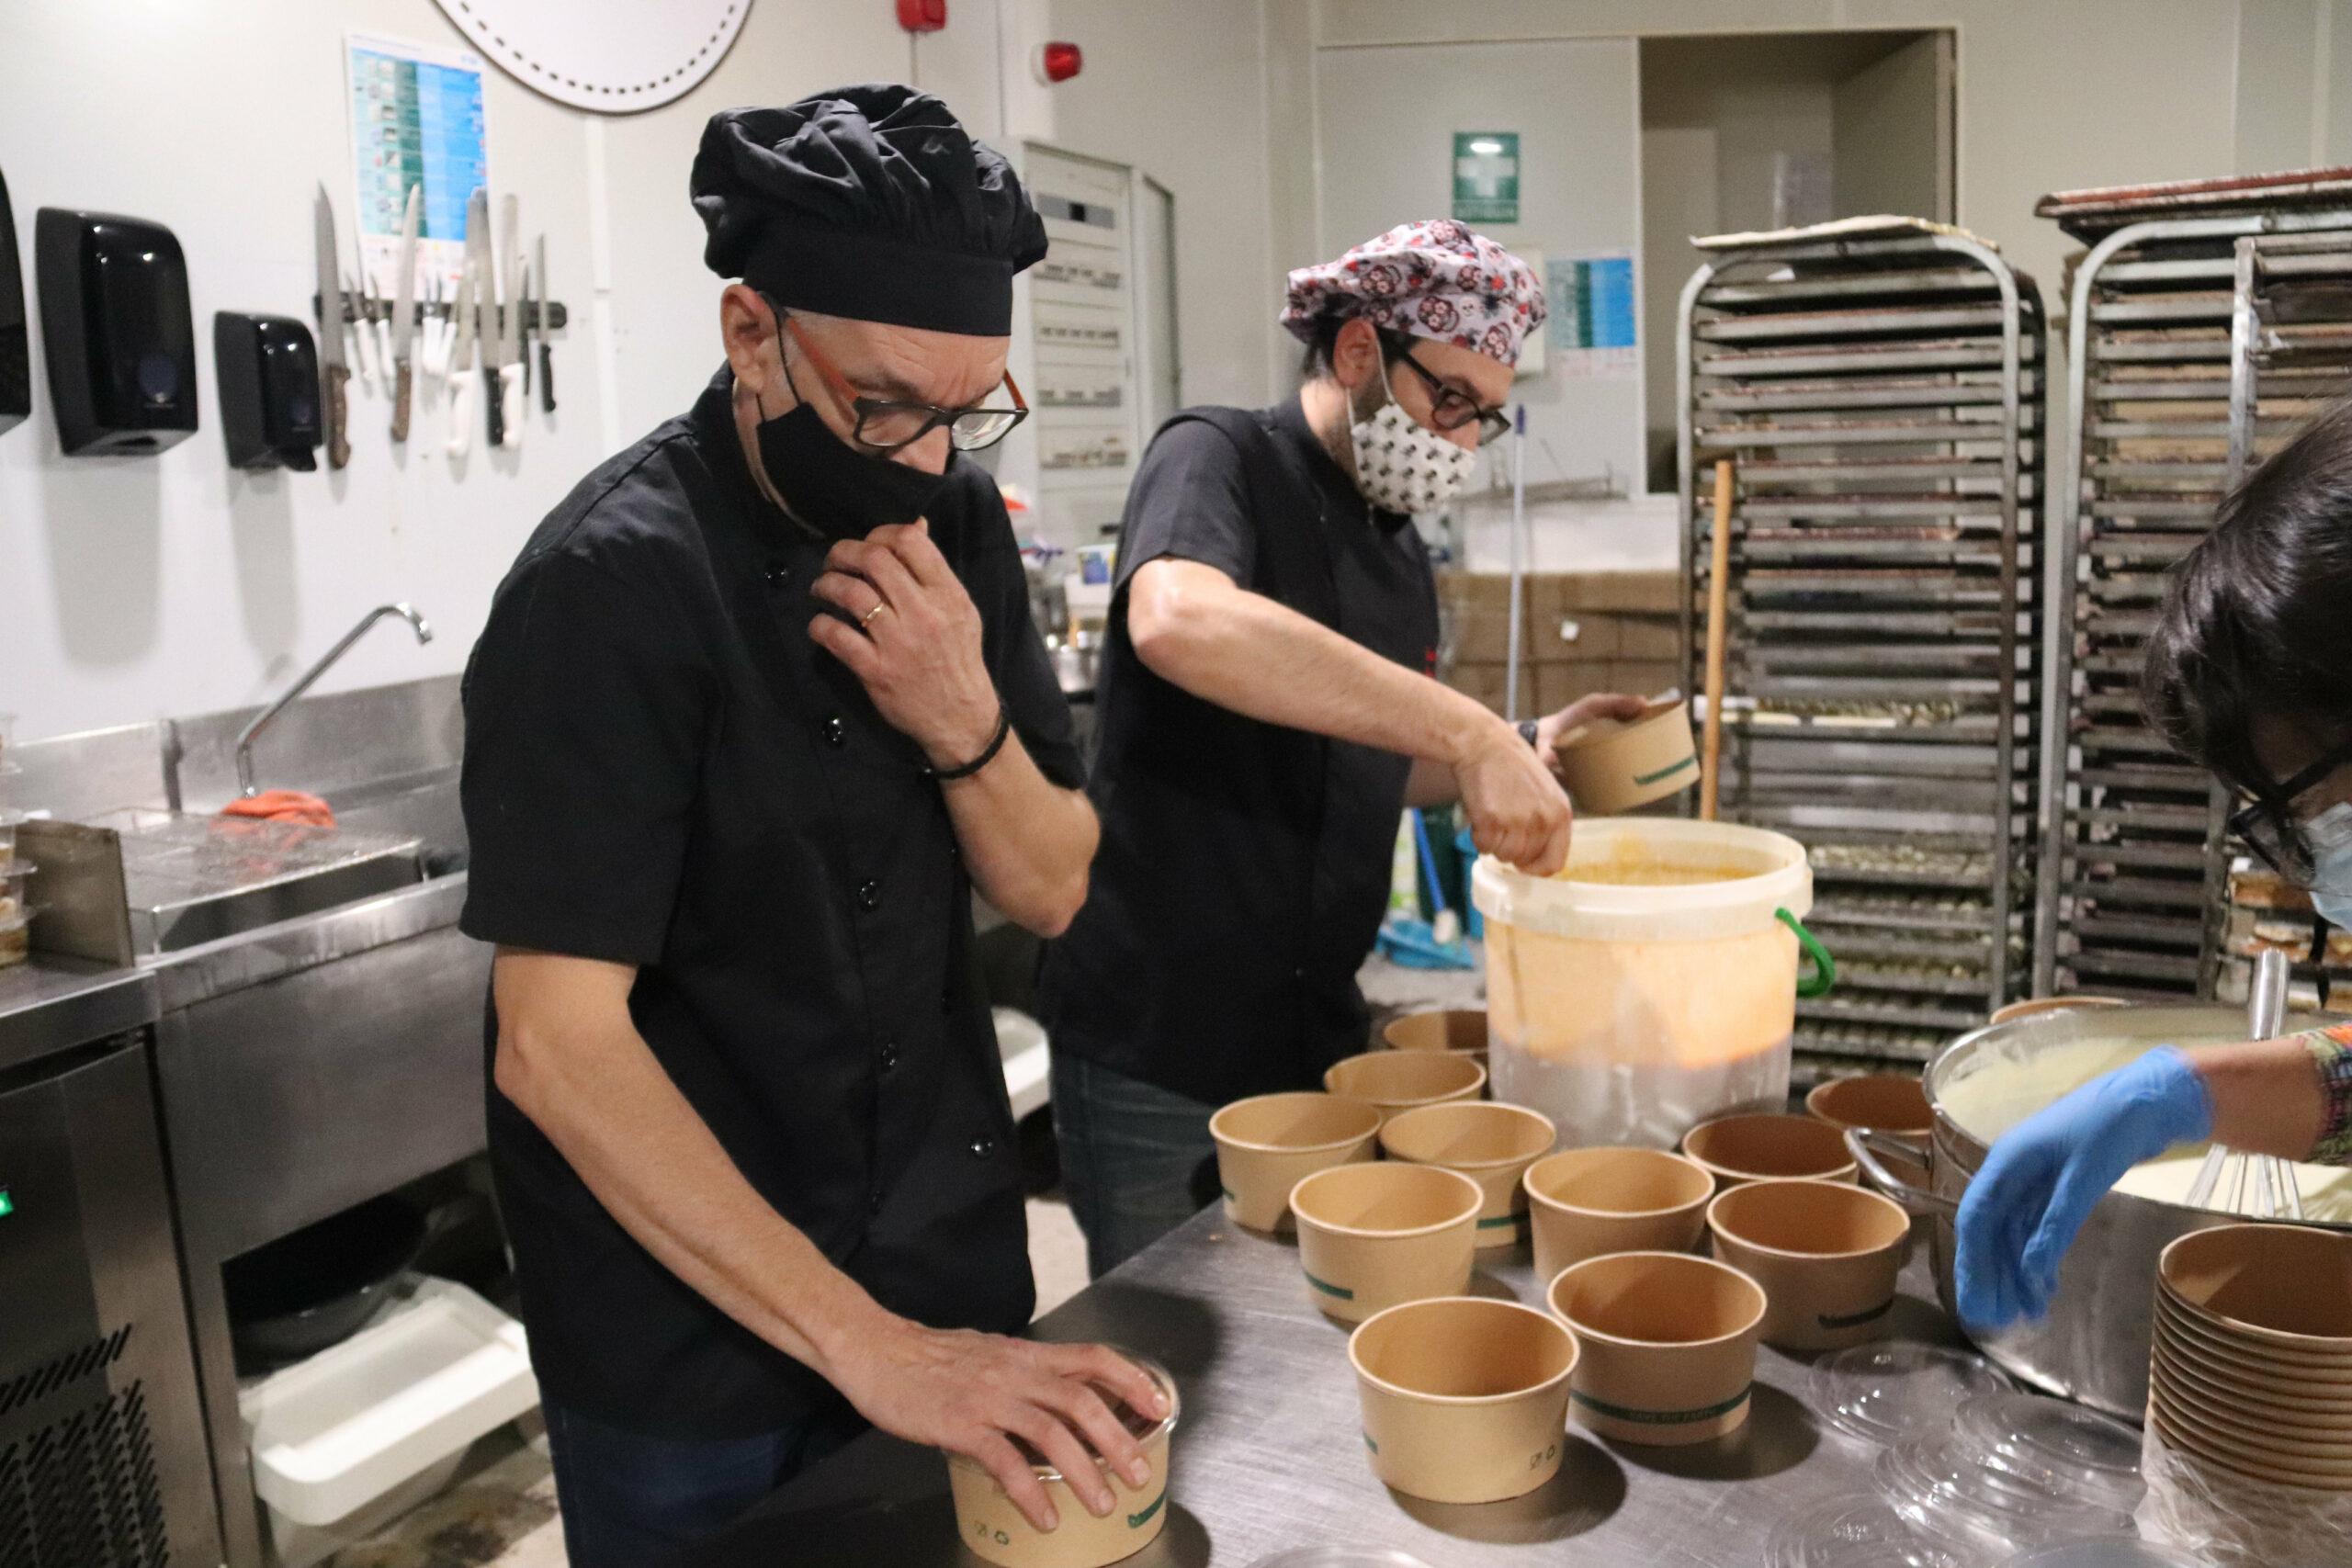 Alguns dels cuiners empaquetant els menús solidaris que ha repartit l'obrador de pastisseria Patrick's Bakery de Tossa de Mar a les famílies vulnerables | ACN